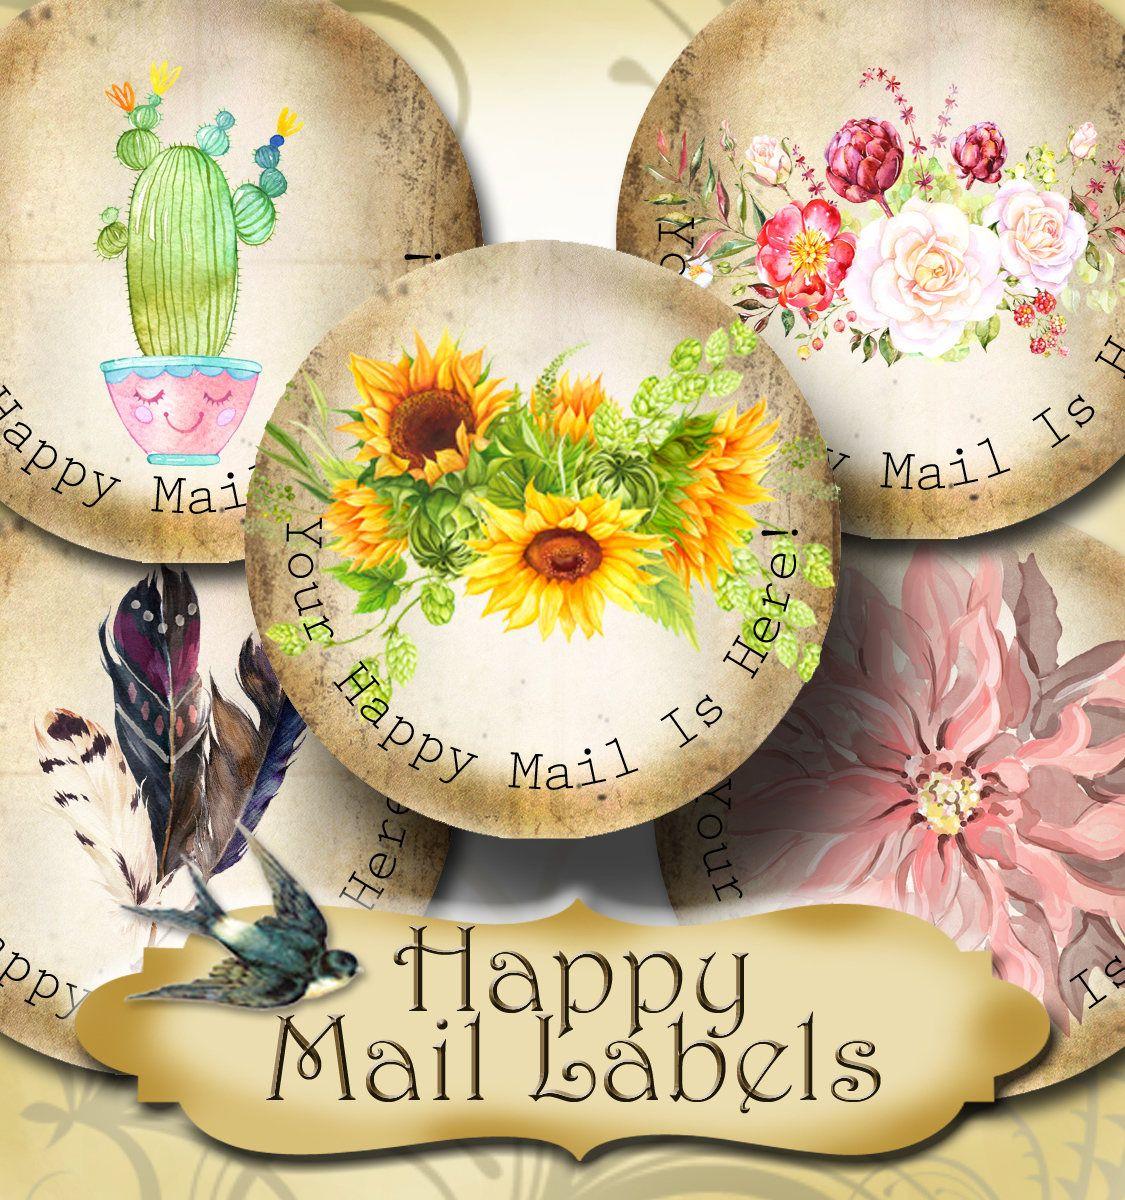 Happy mail •60 custom 1 5 x 1 5 round stickers•round labels•tags•package labels•custom stickers•custom labels•packaging• by julrypartz